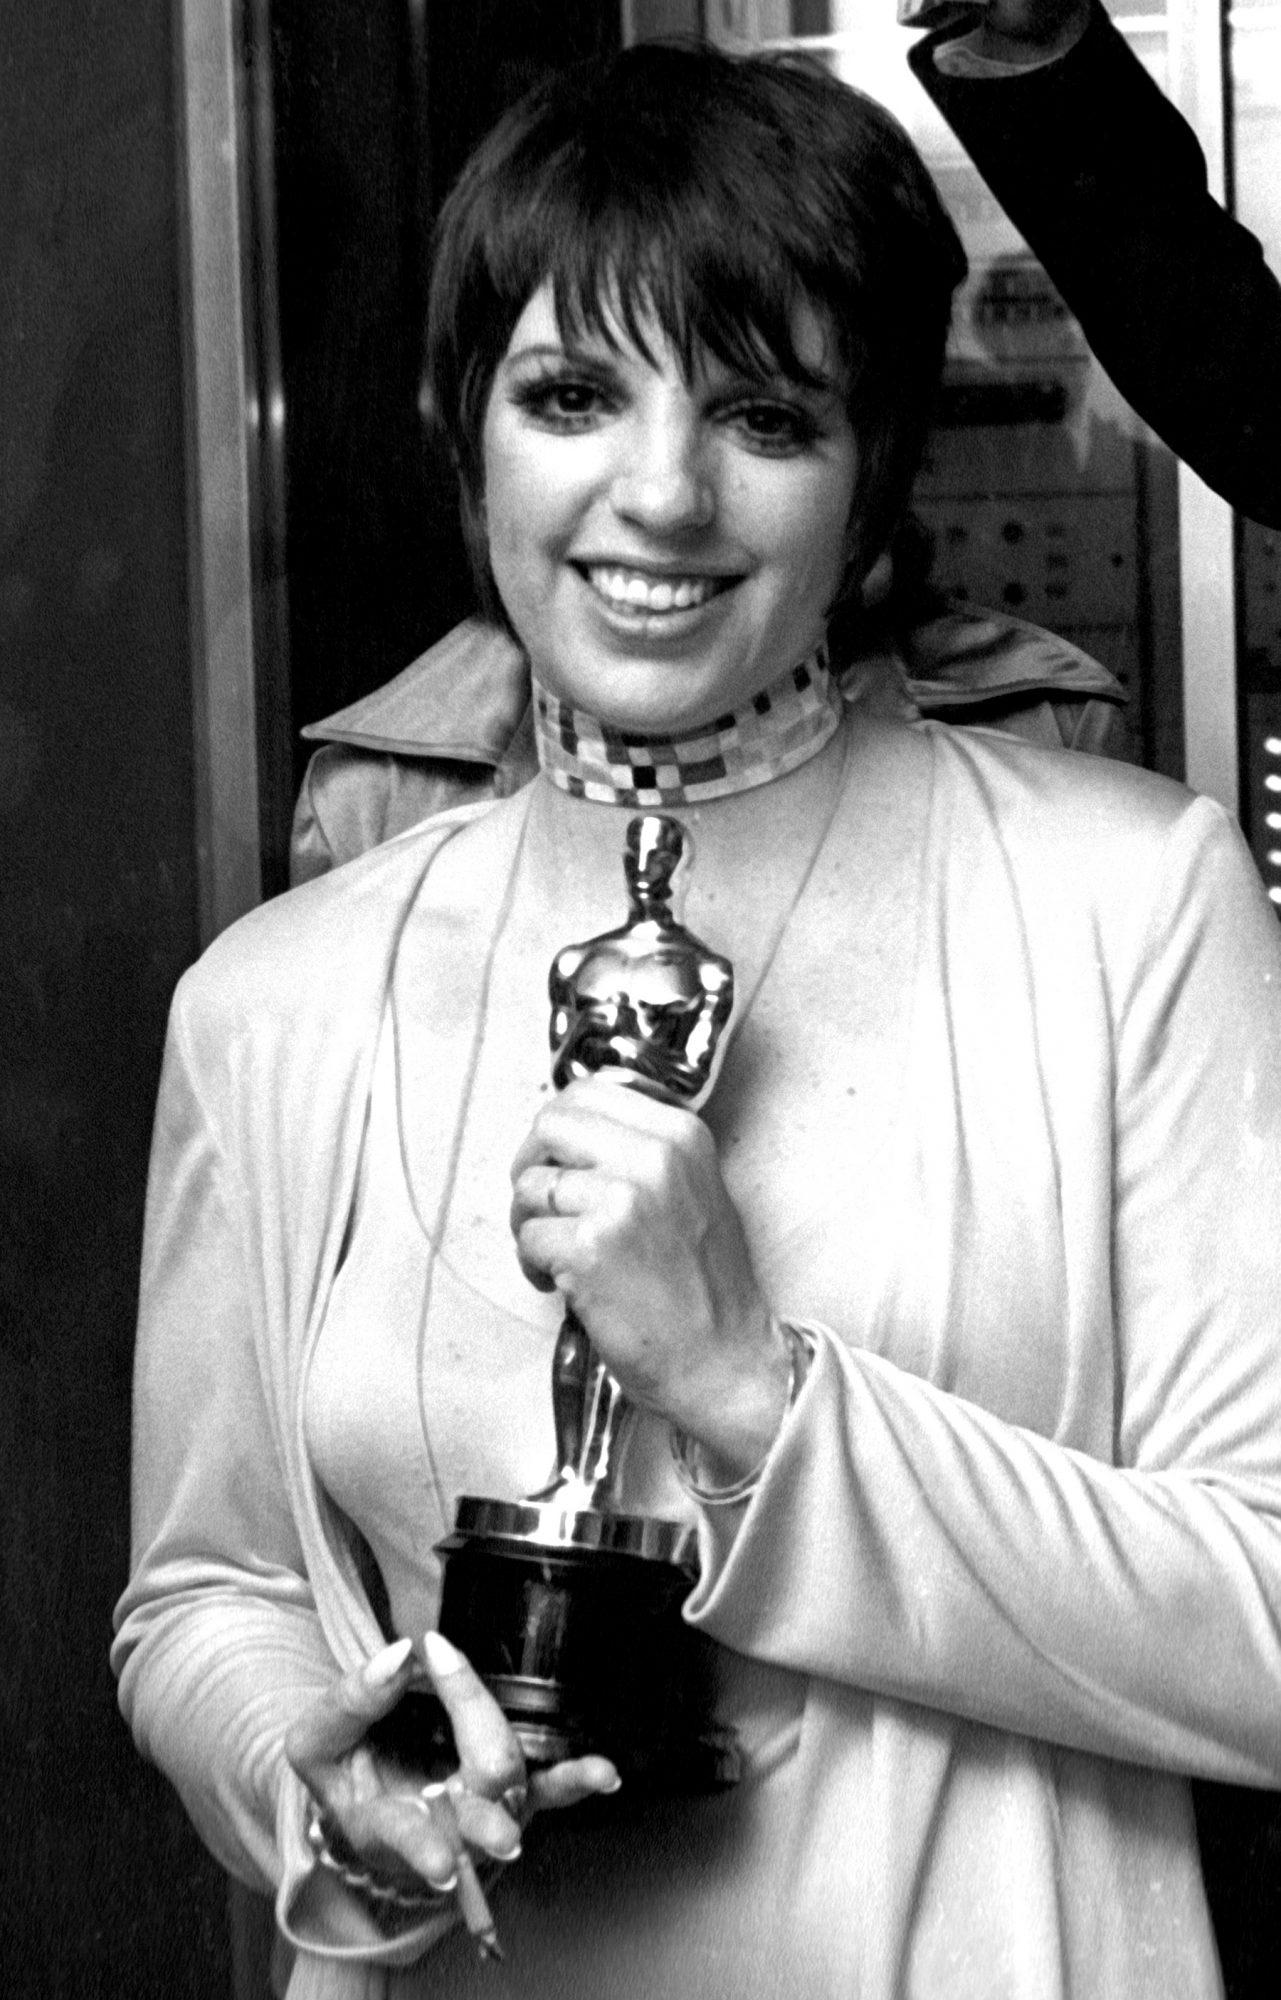 45th Annual Academy Awards